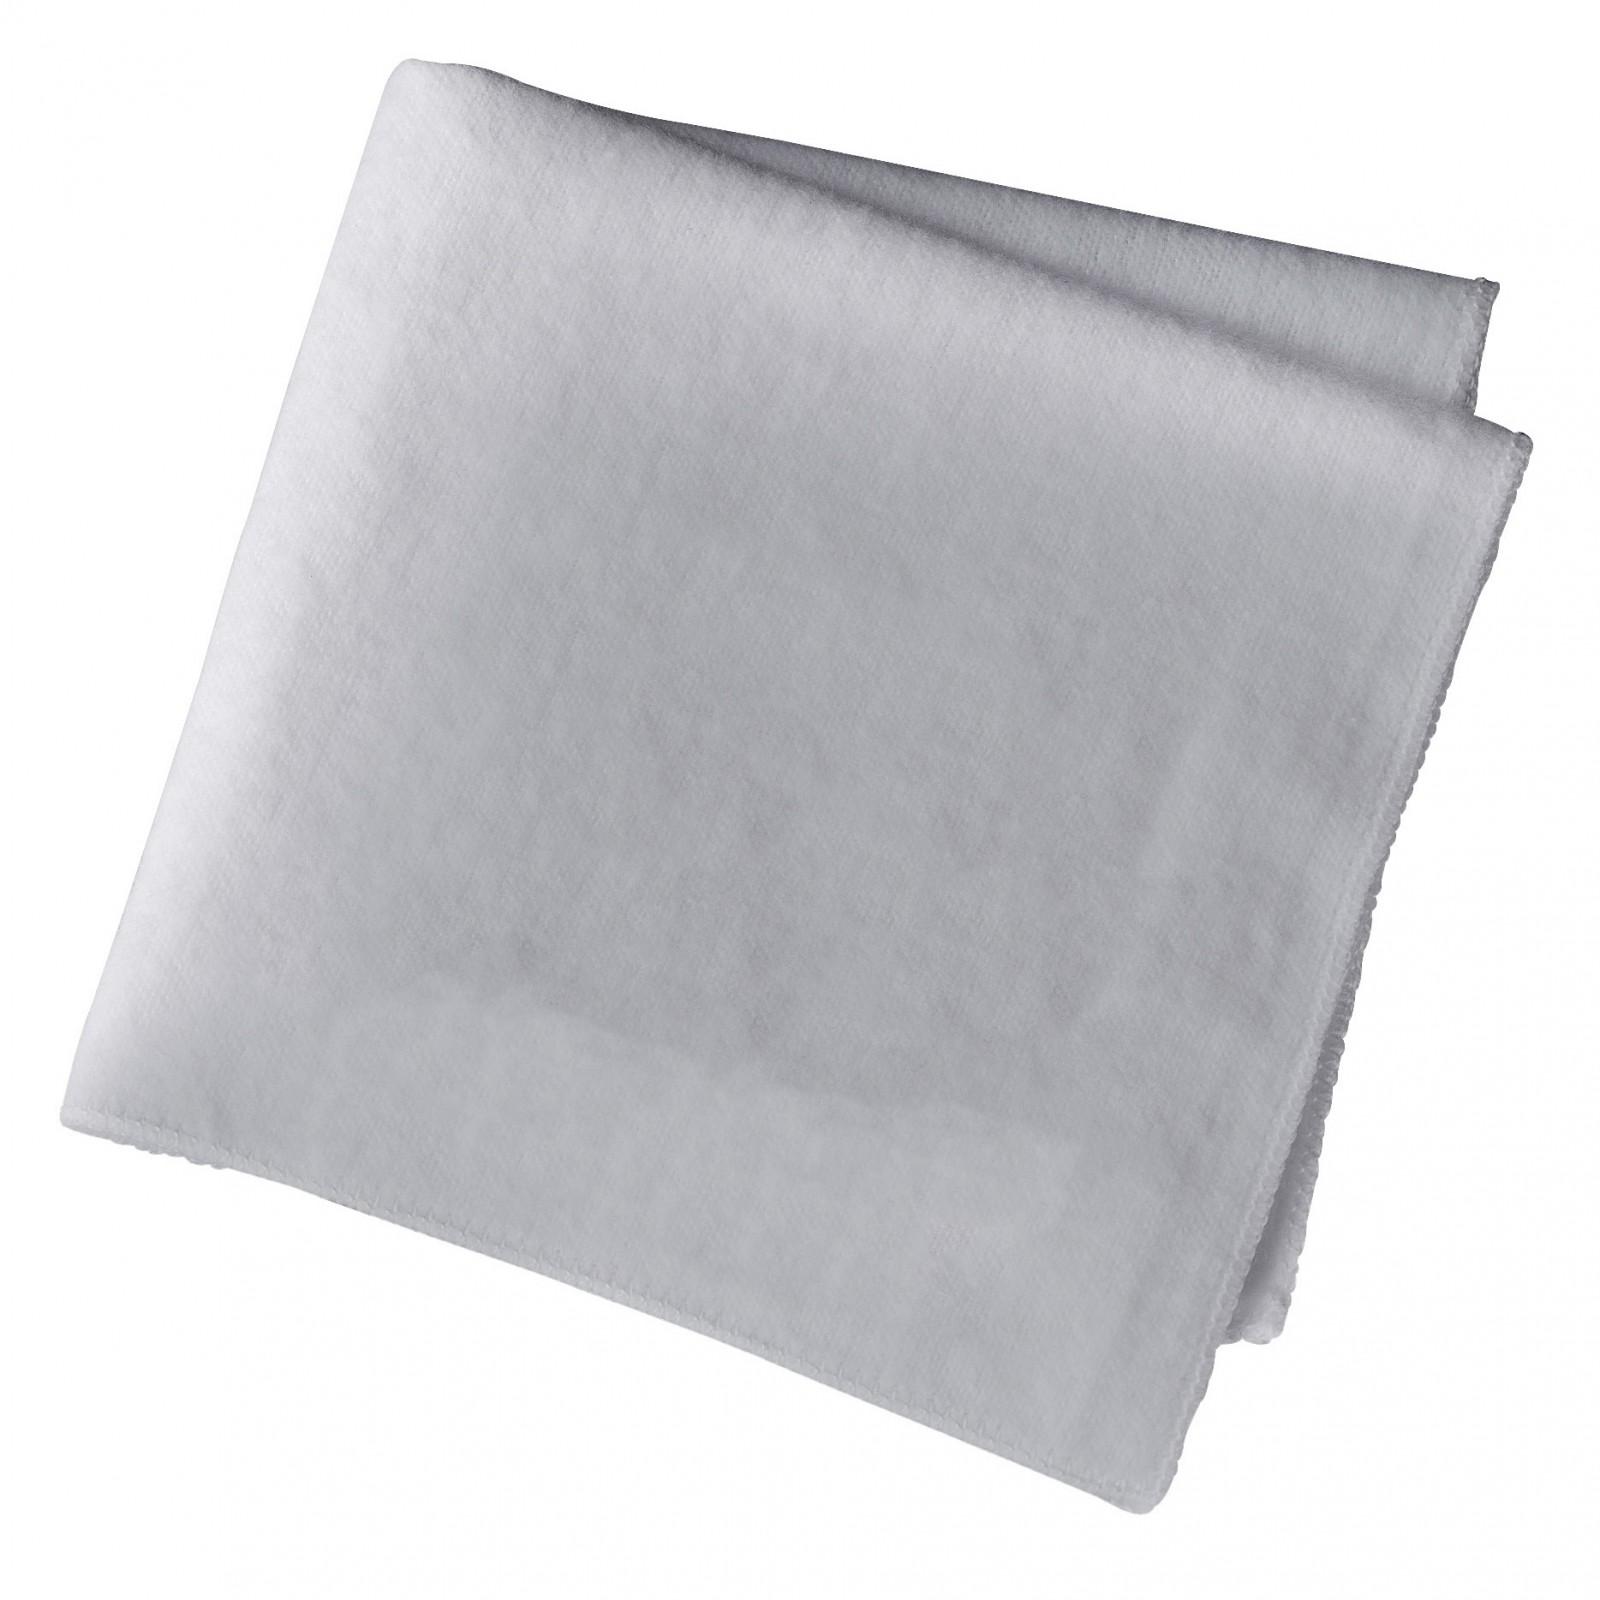 My Bag Polishing Cloth 30x35cm Grey